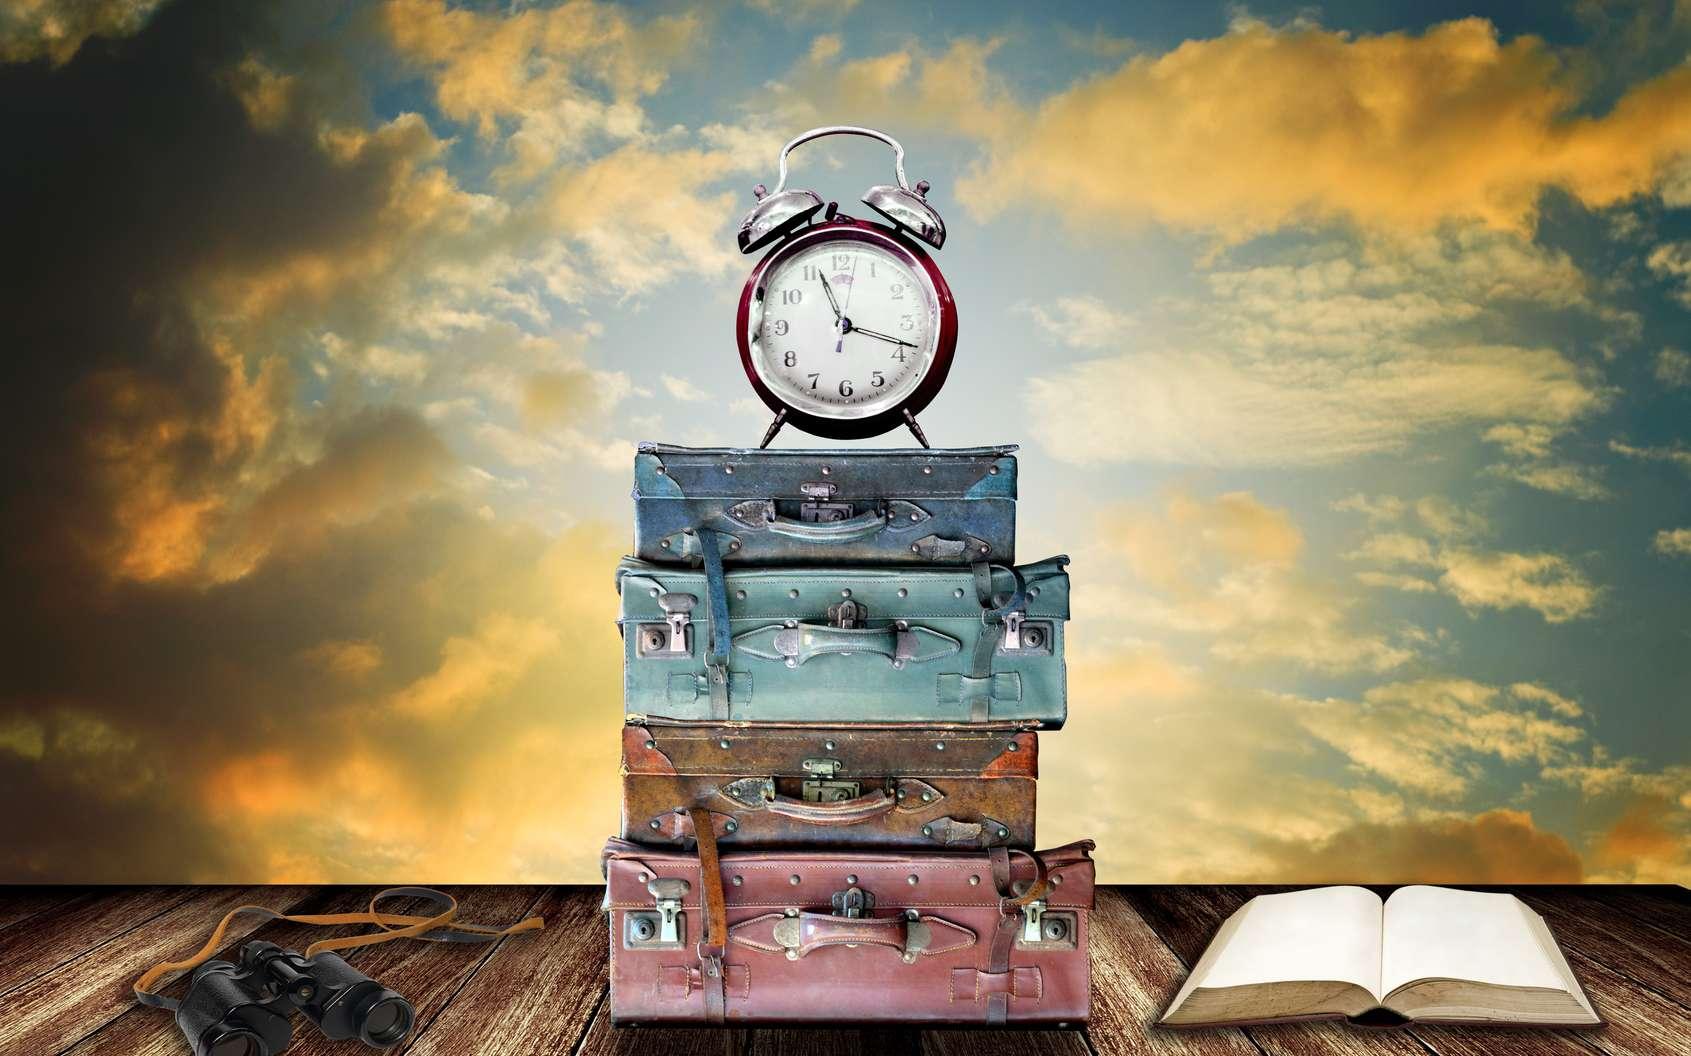 Le scientifique Noël Essaillon a réussi à créer une substance qui permet de voyager dans le temps. © pixbox77, Fotolia